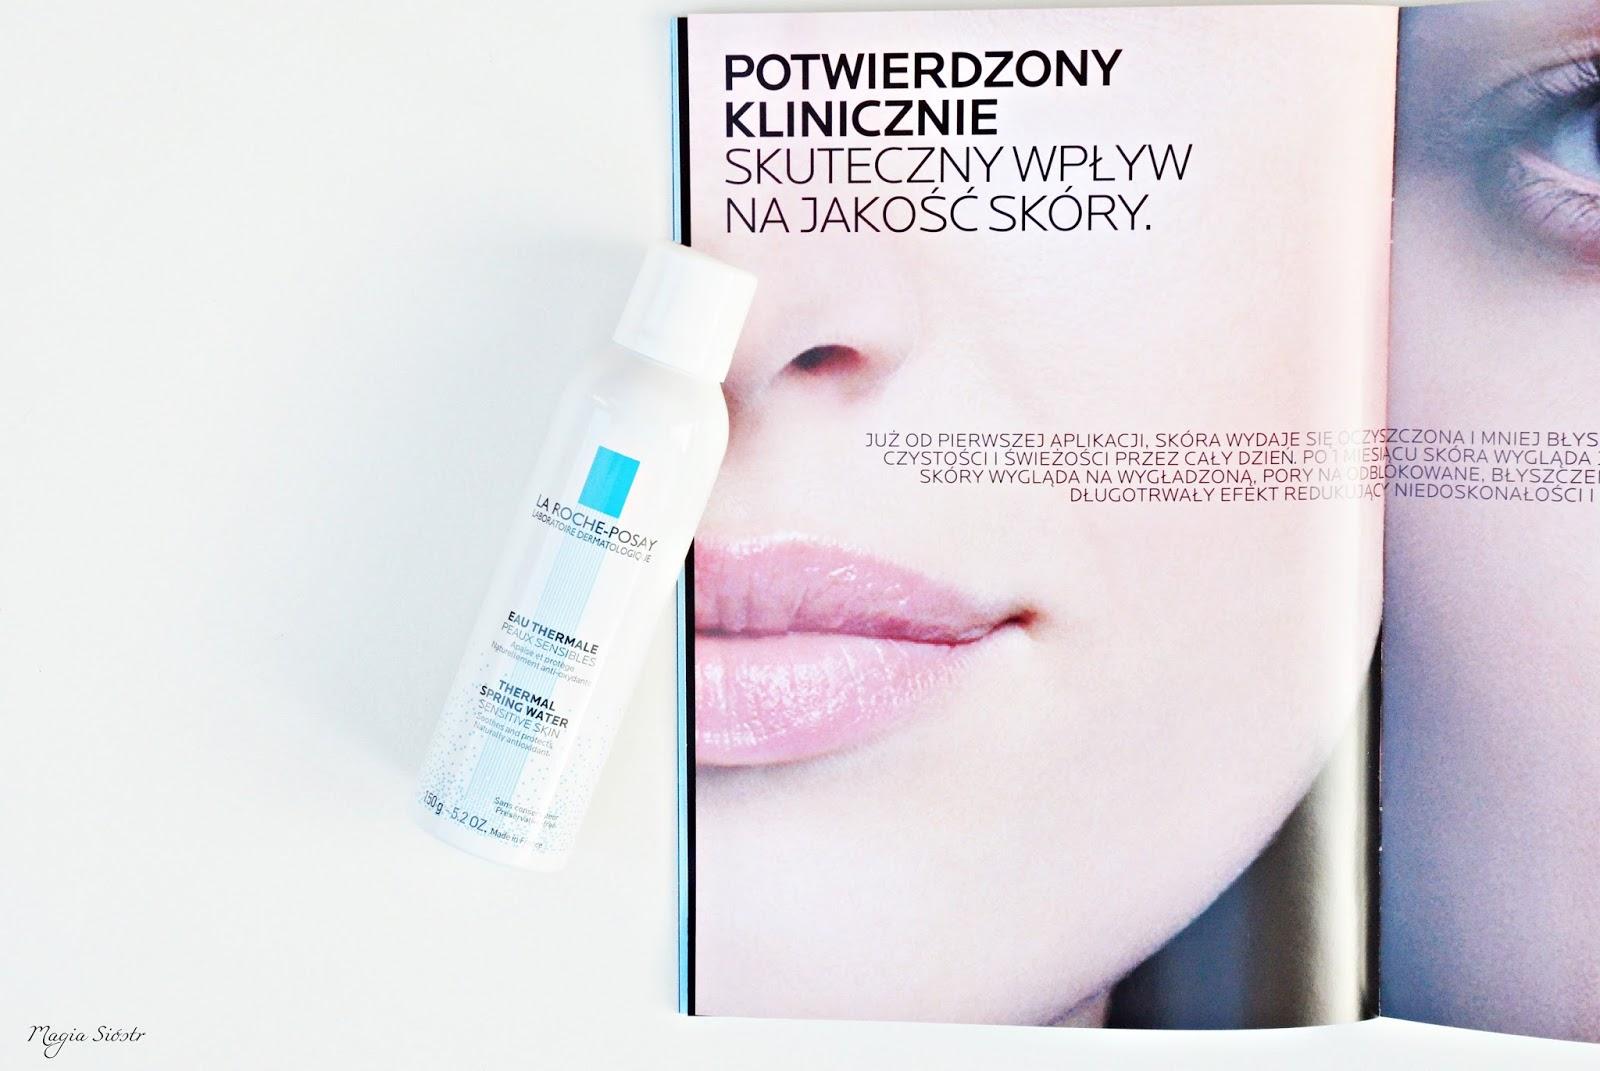 La Roche Posay kosmetyki do twarzy, recenzja